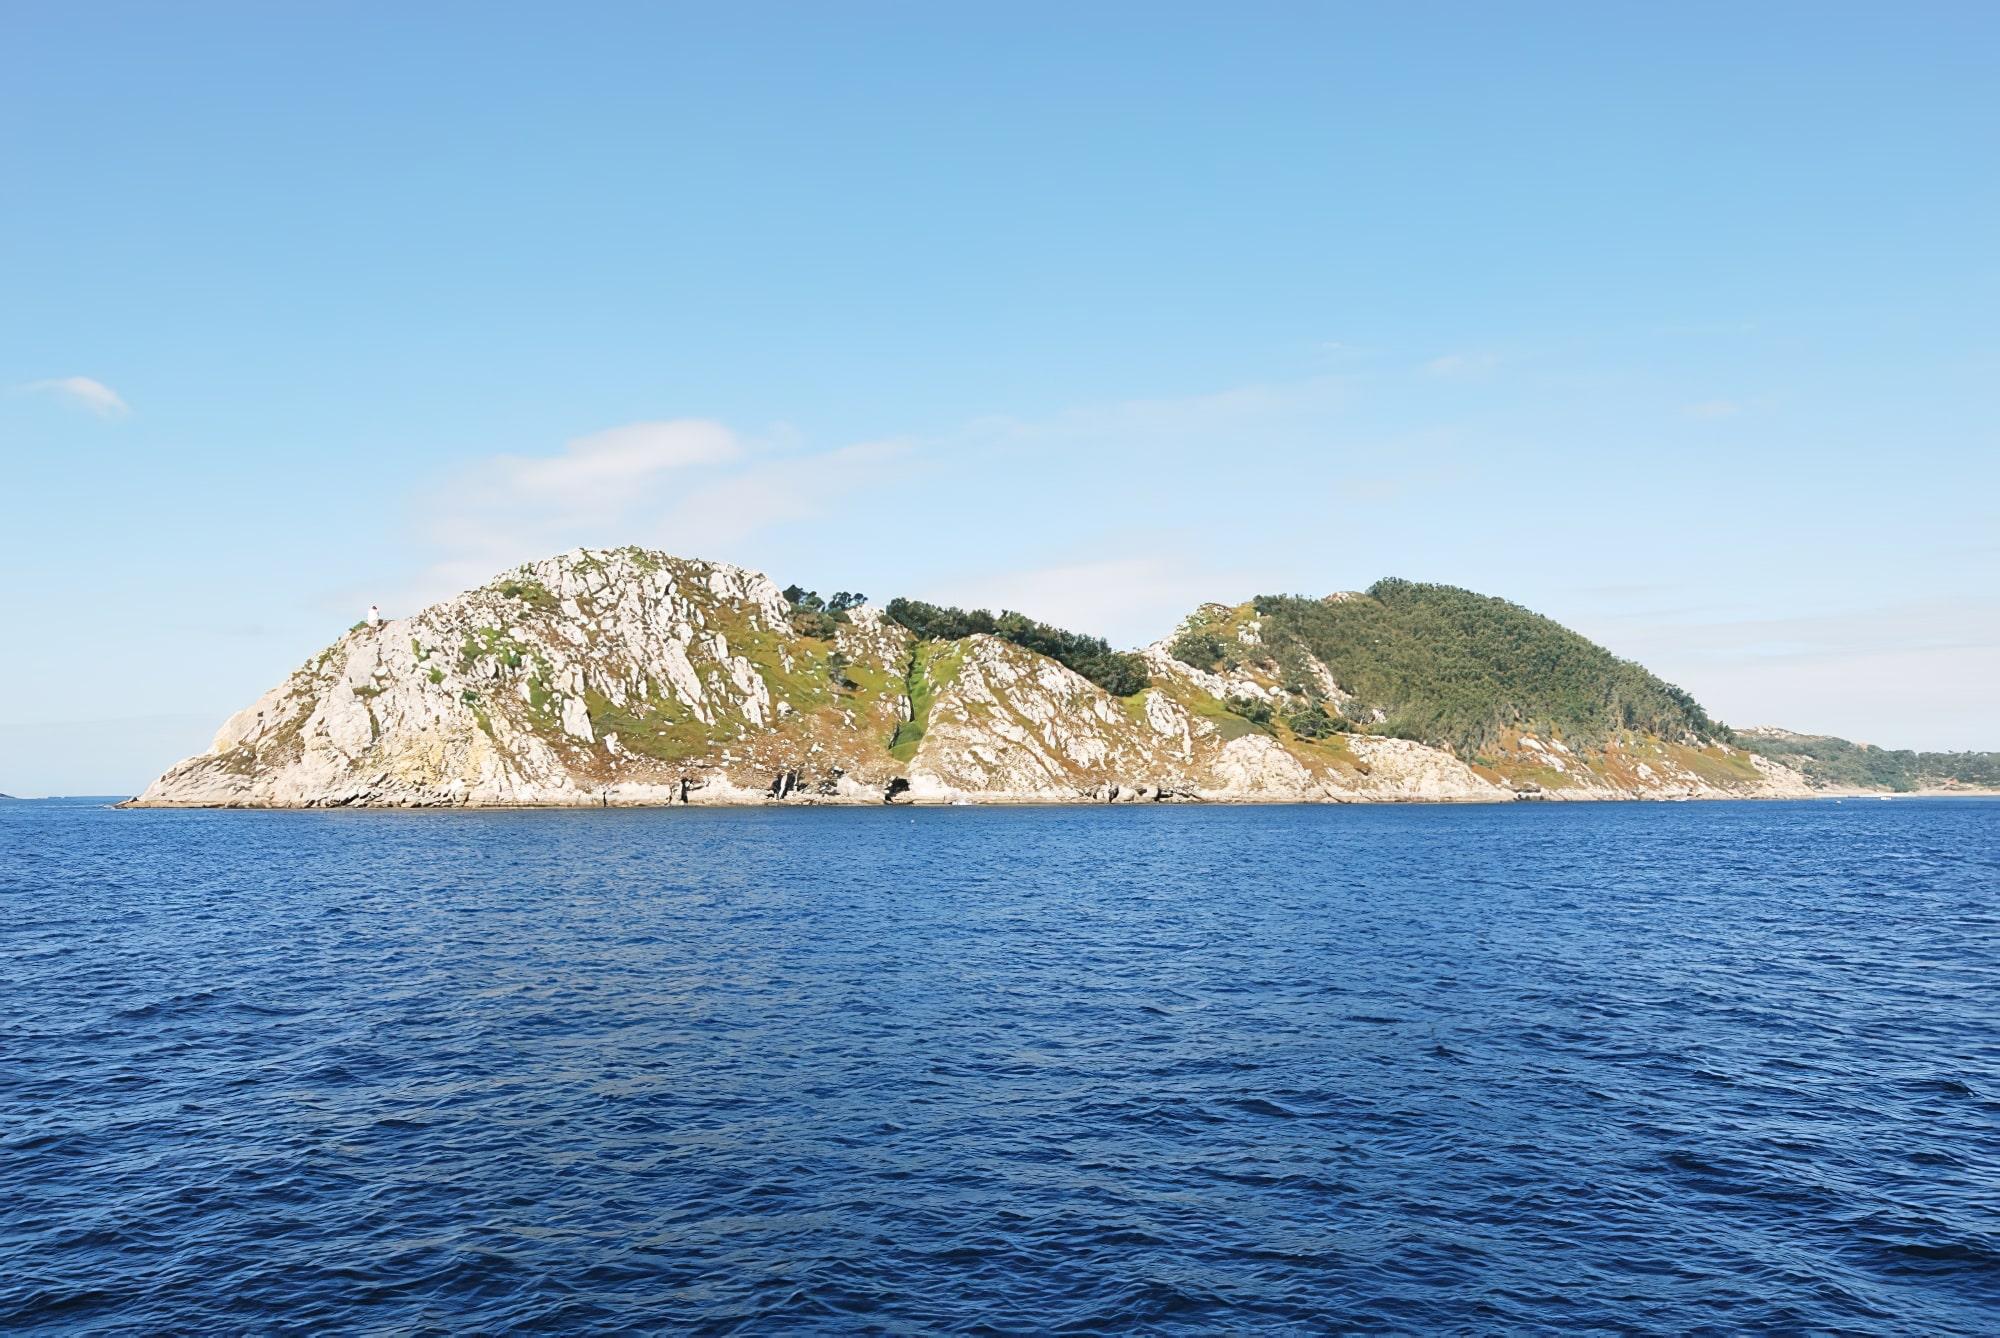 Le Parc National des Îles Atlantiques, en Galice